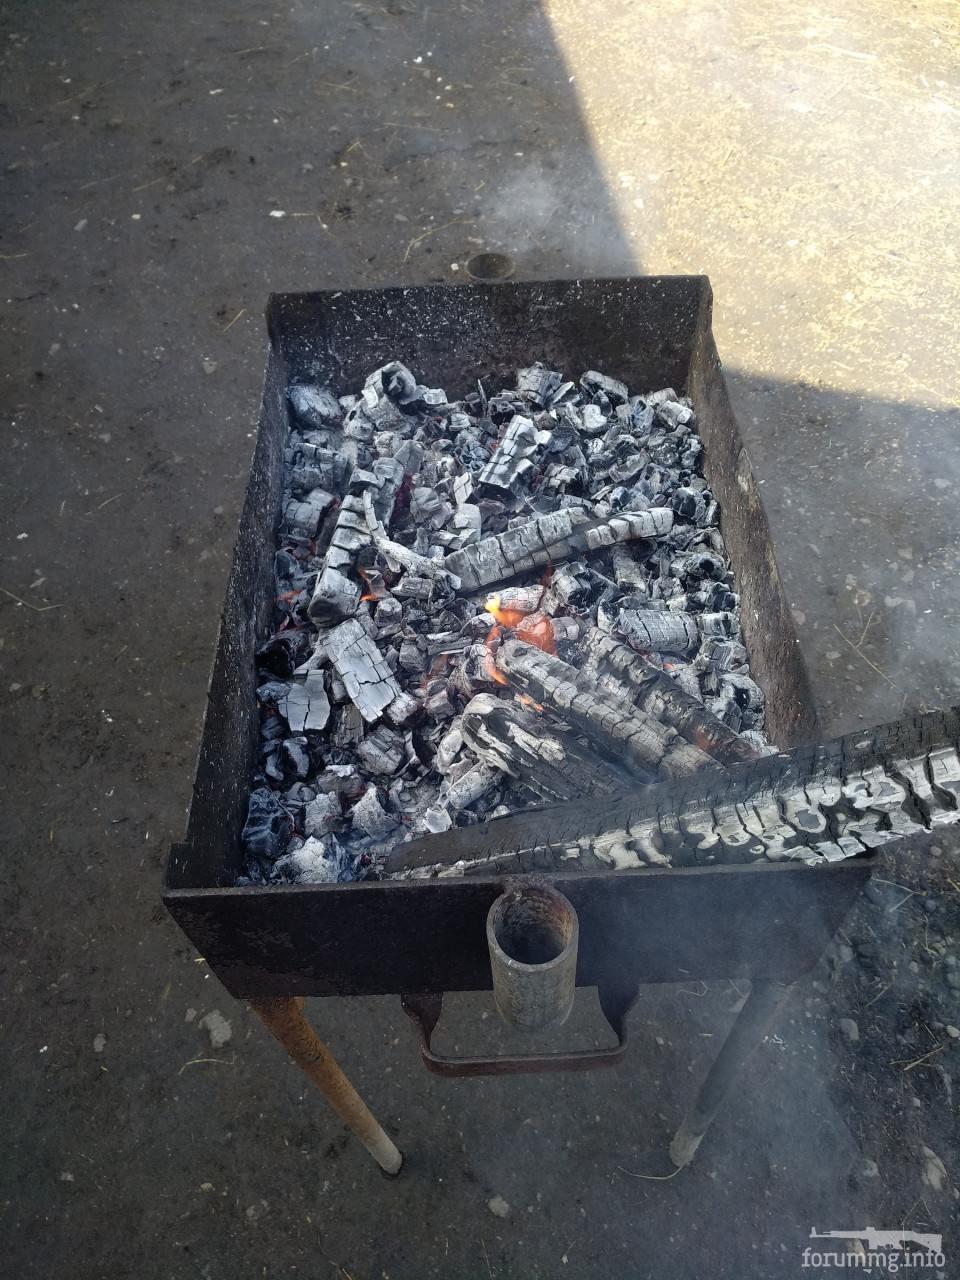 129257 - Закуски на огне (мангал, барбекю и т.д.) и кулинария вообще. Советы и рецепты.